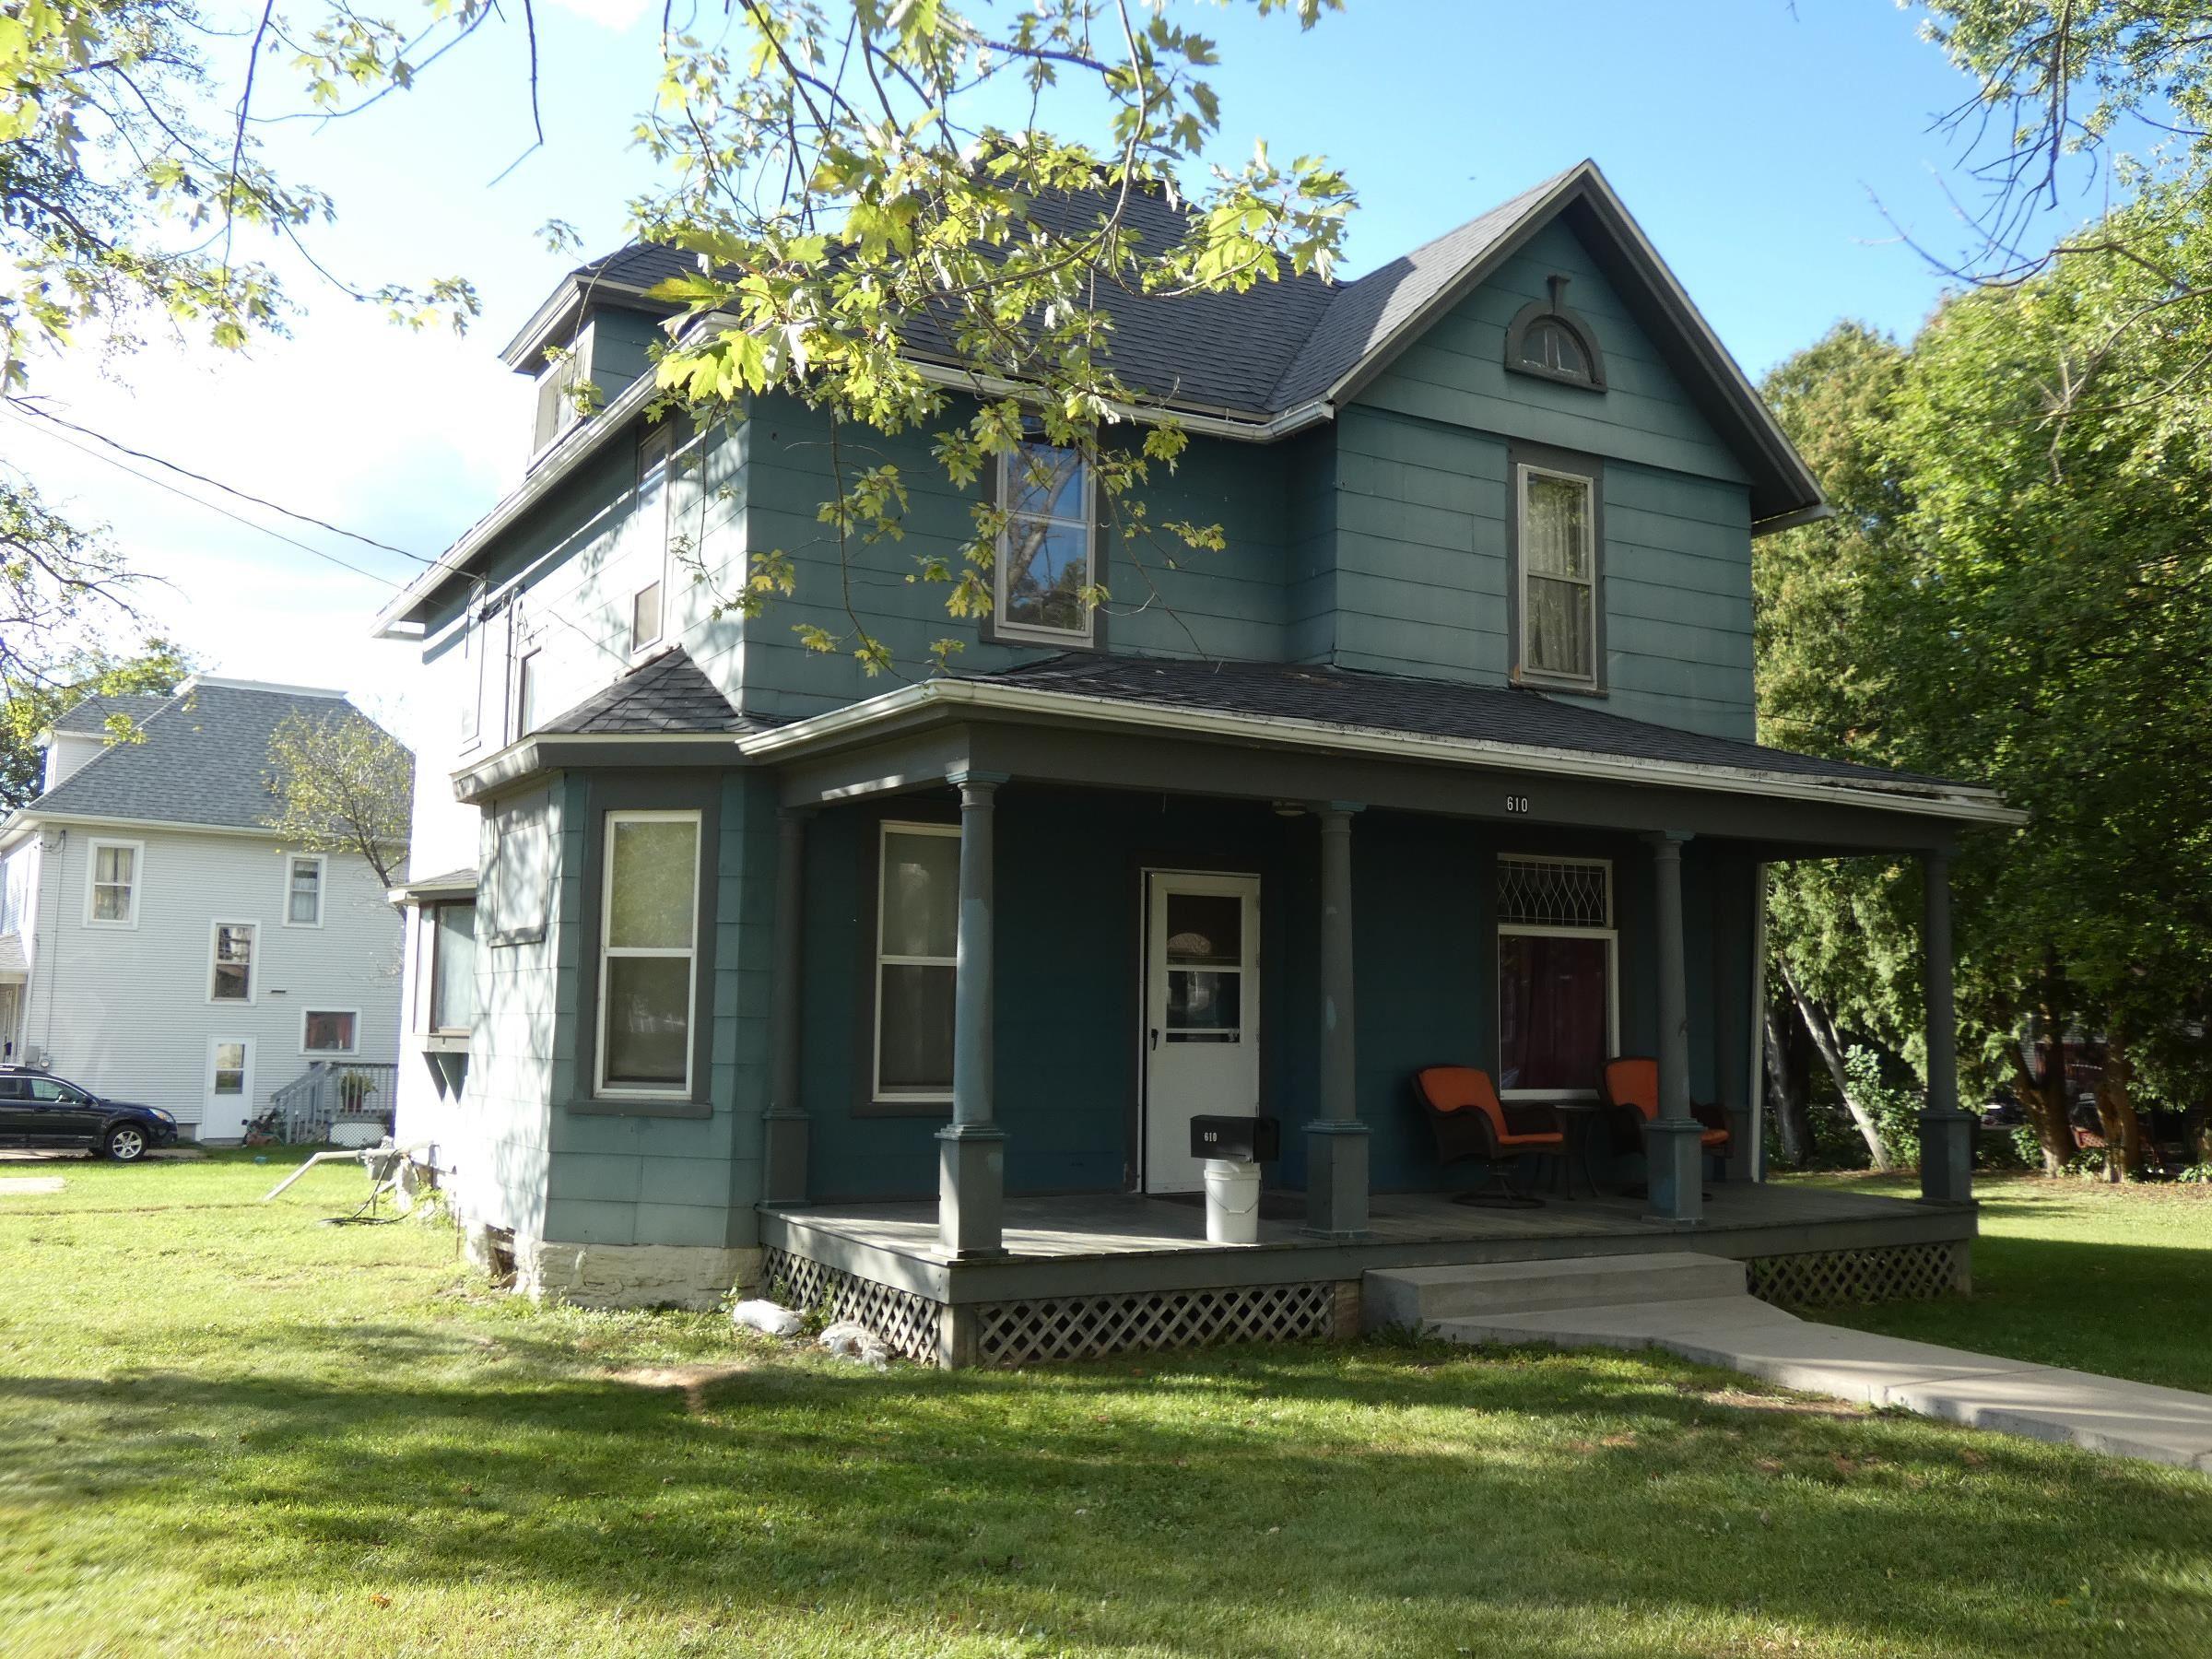 610 N 4th St, Platteville, WI